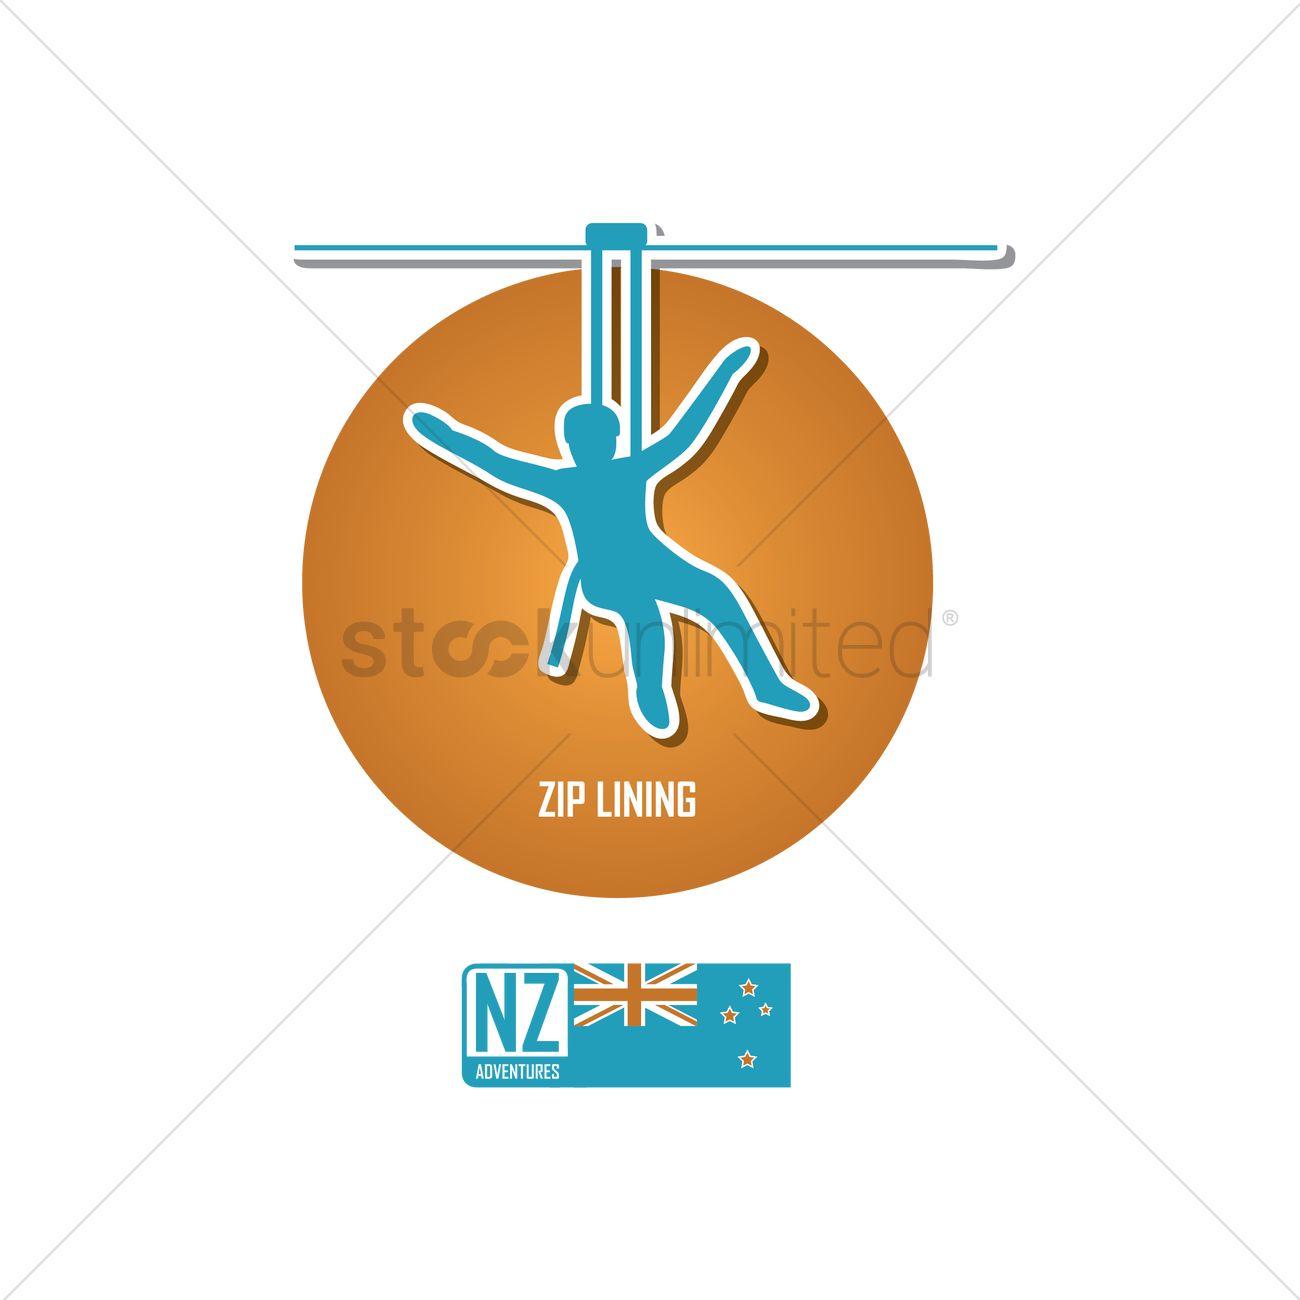 zip lining new zealand